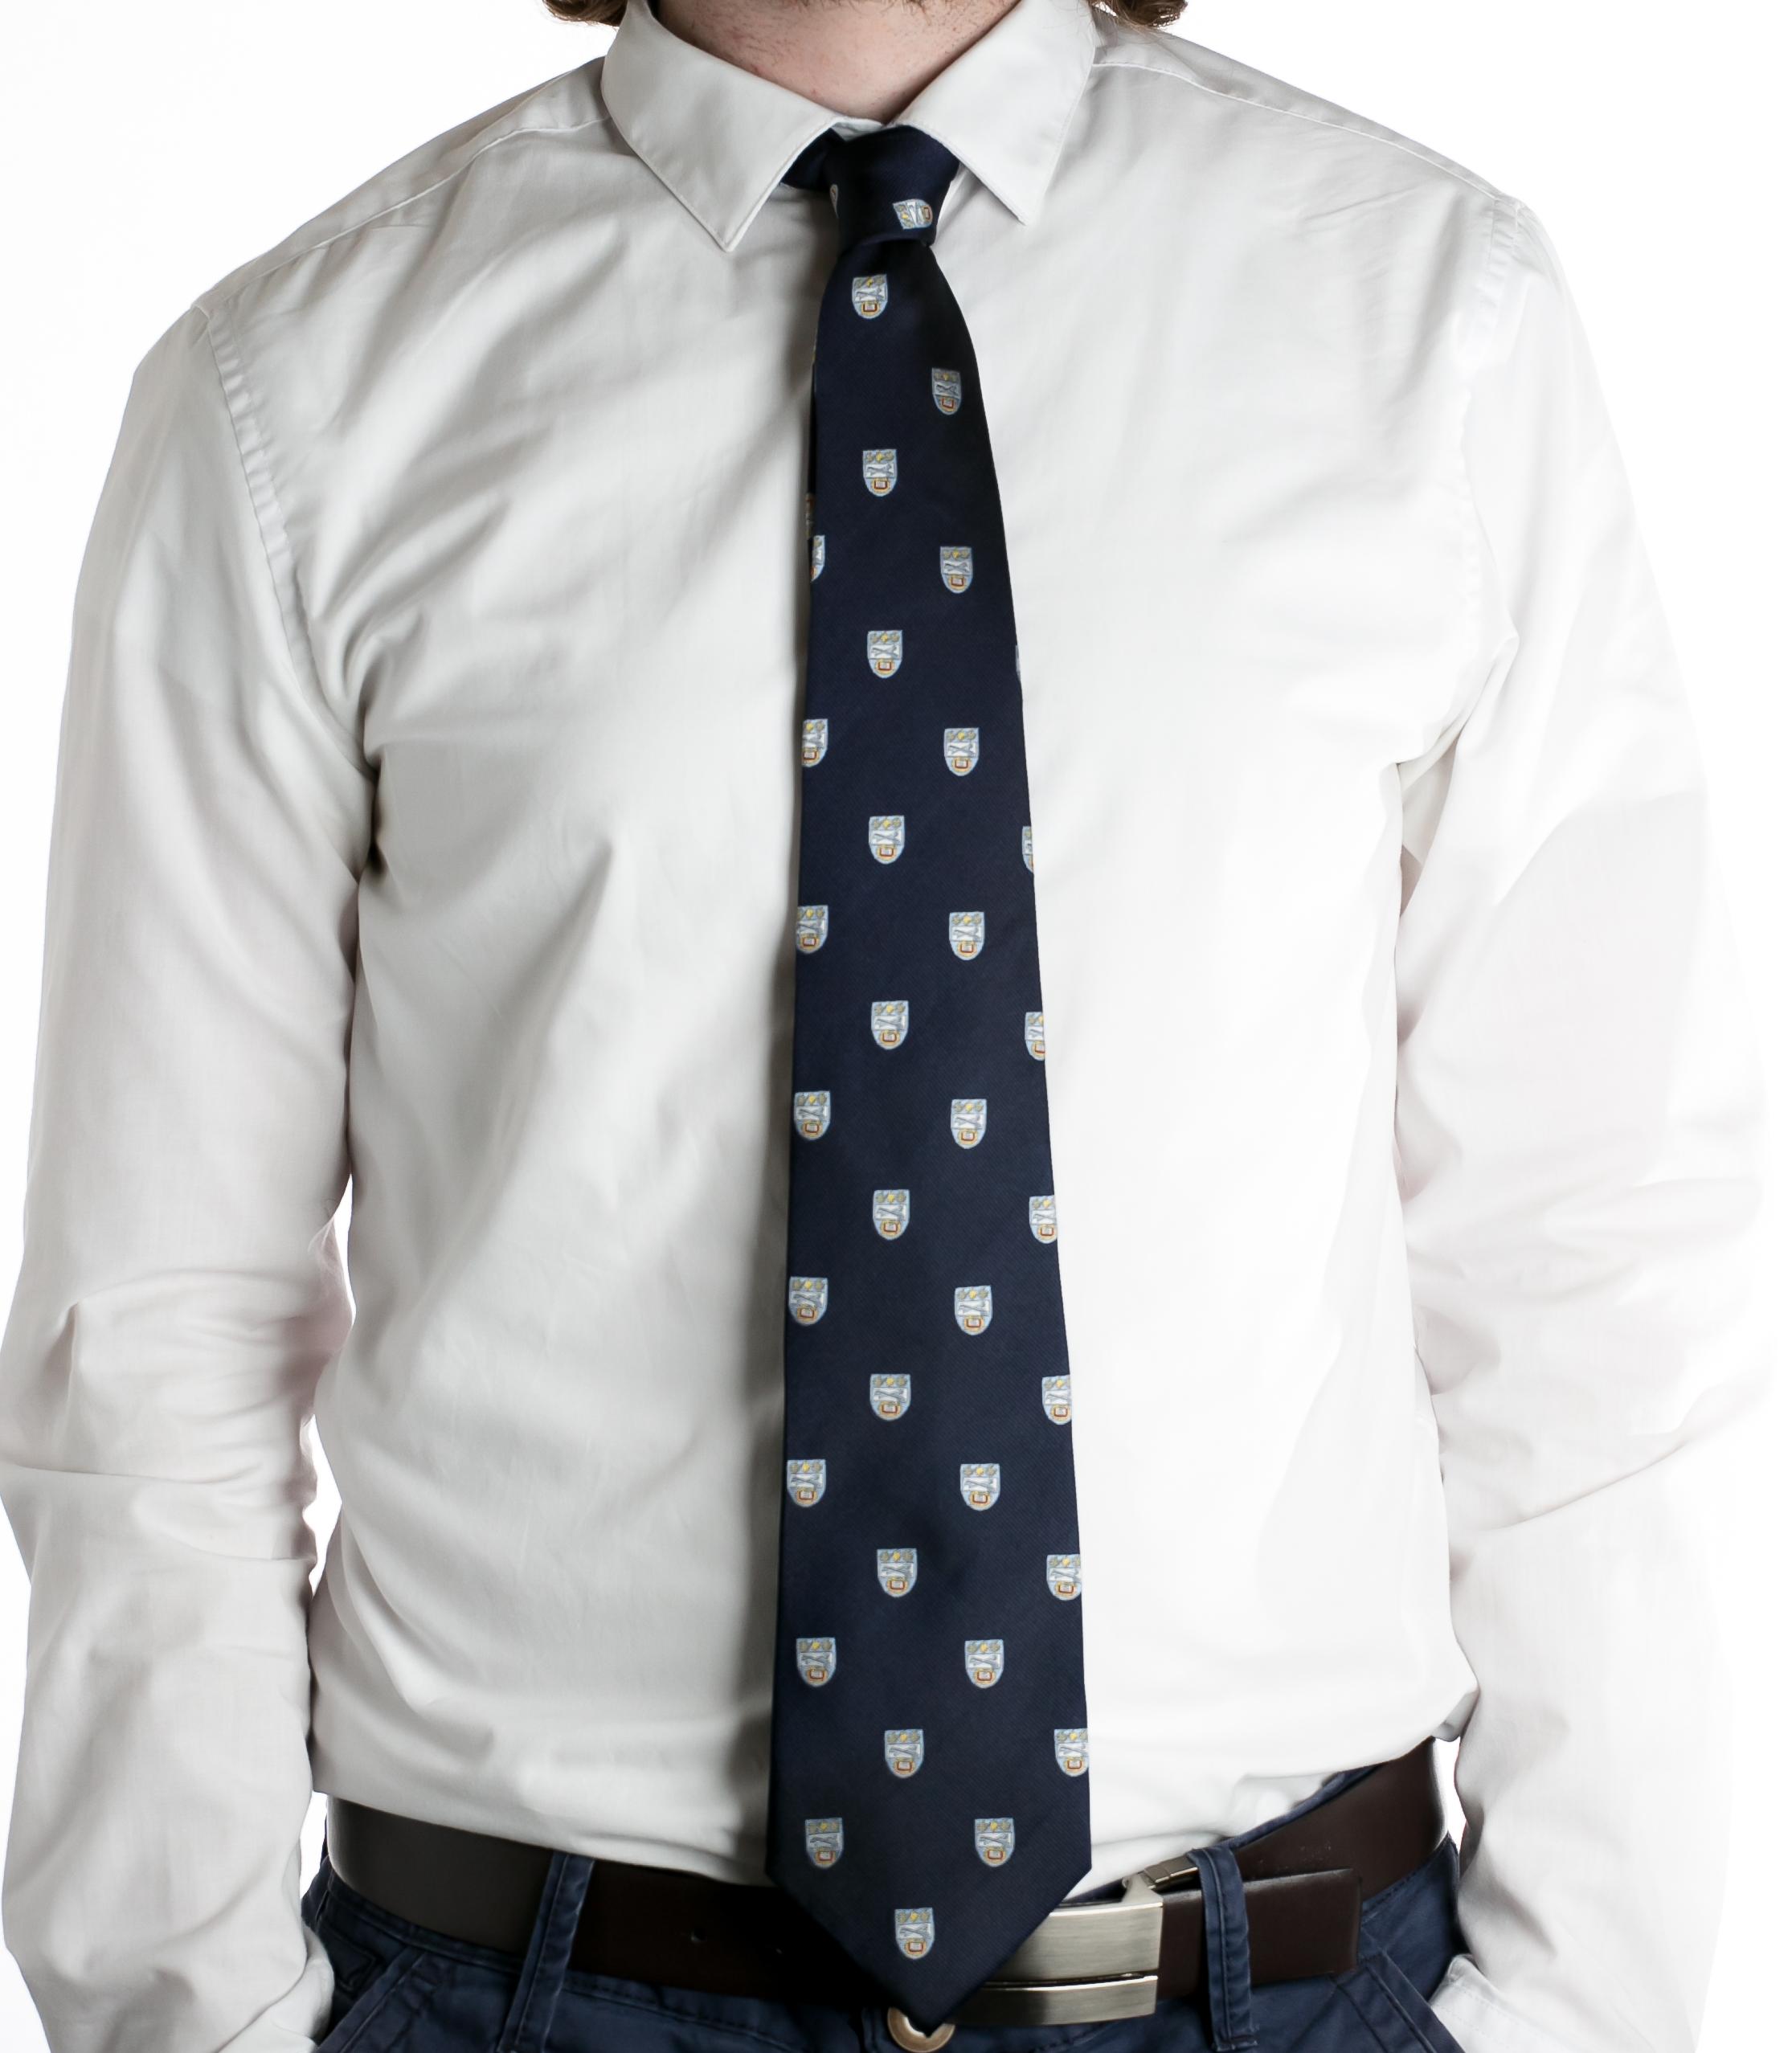 Wycliffe College Navy Tie